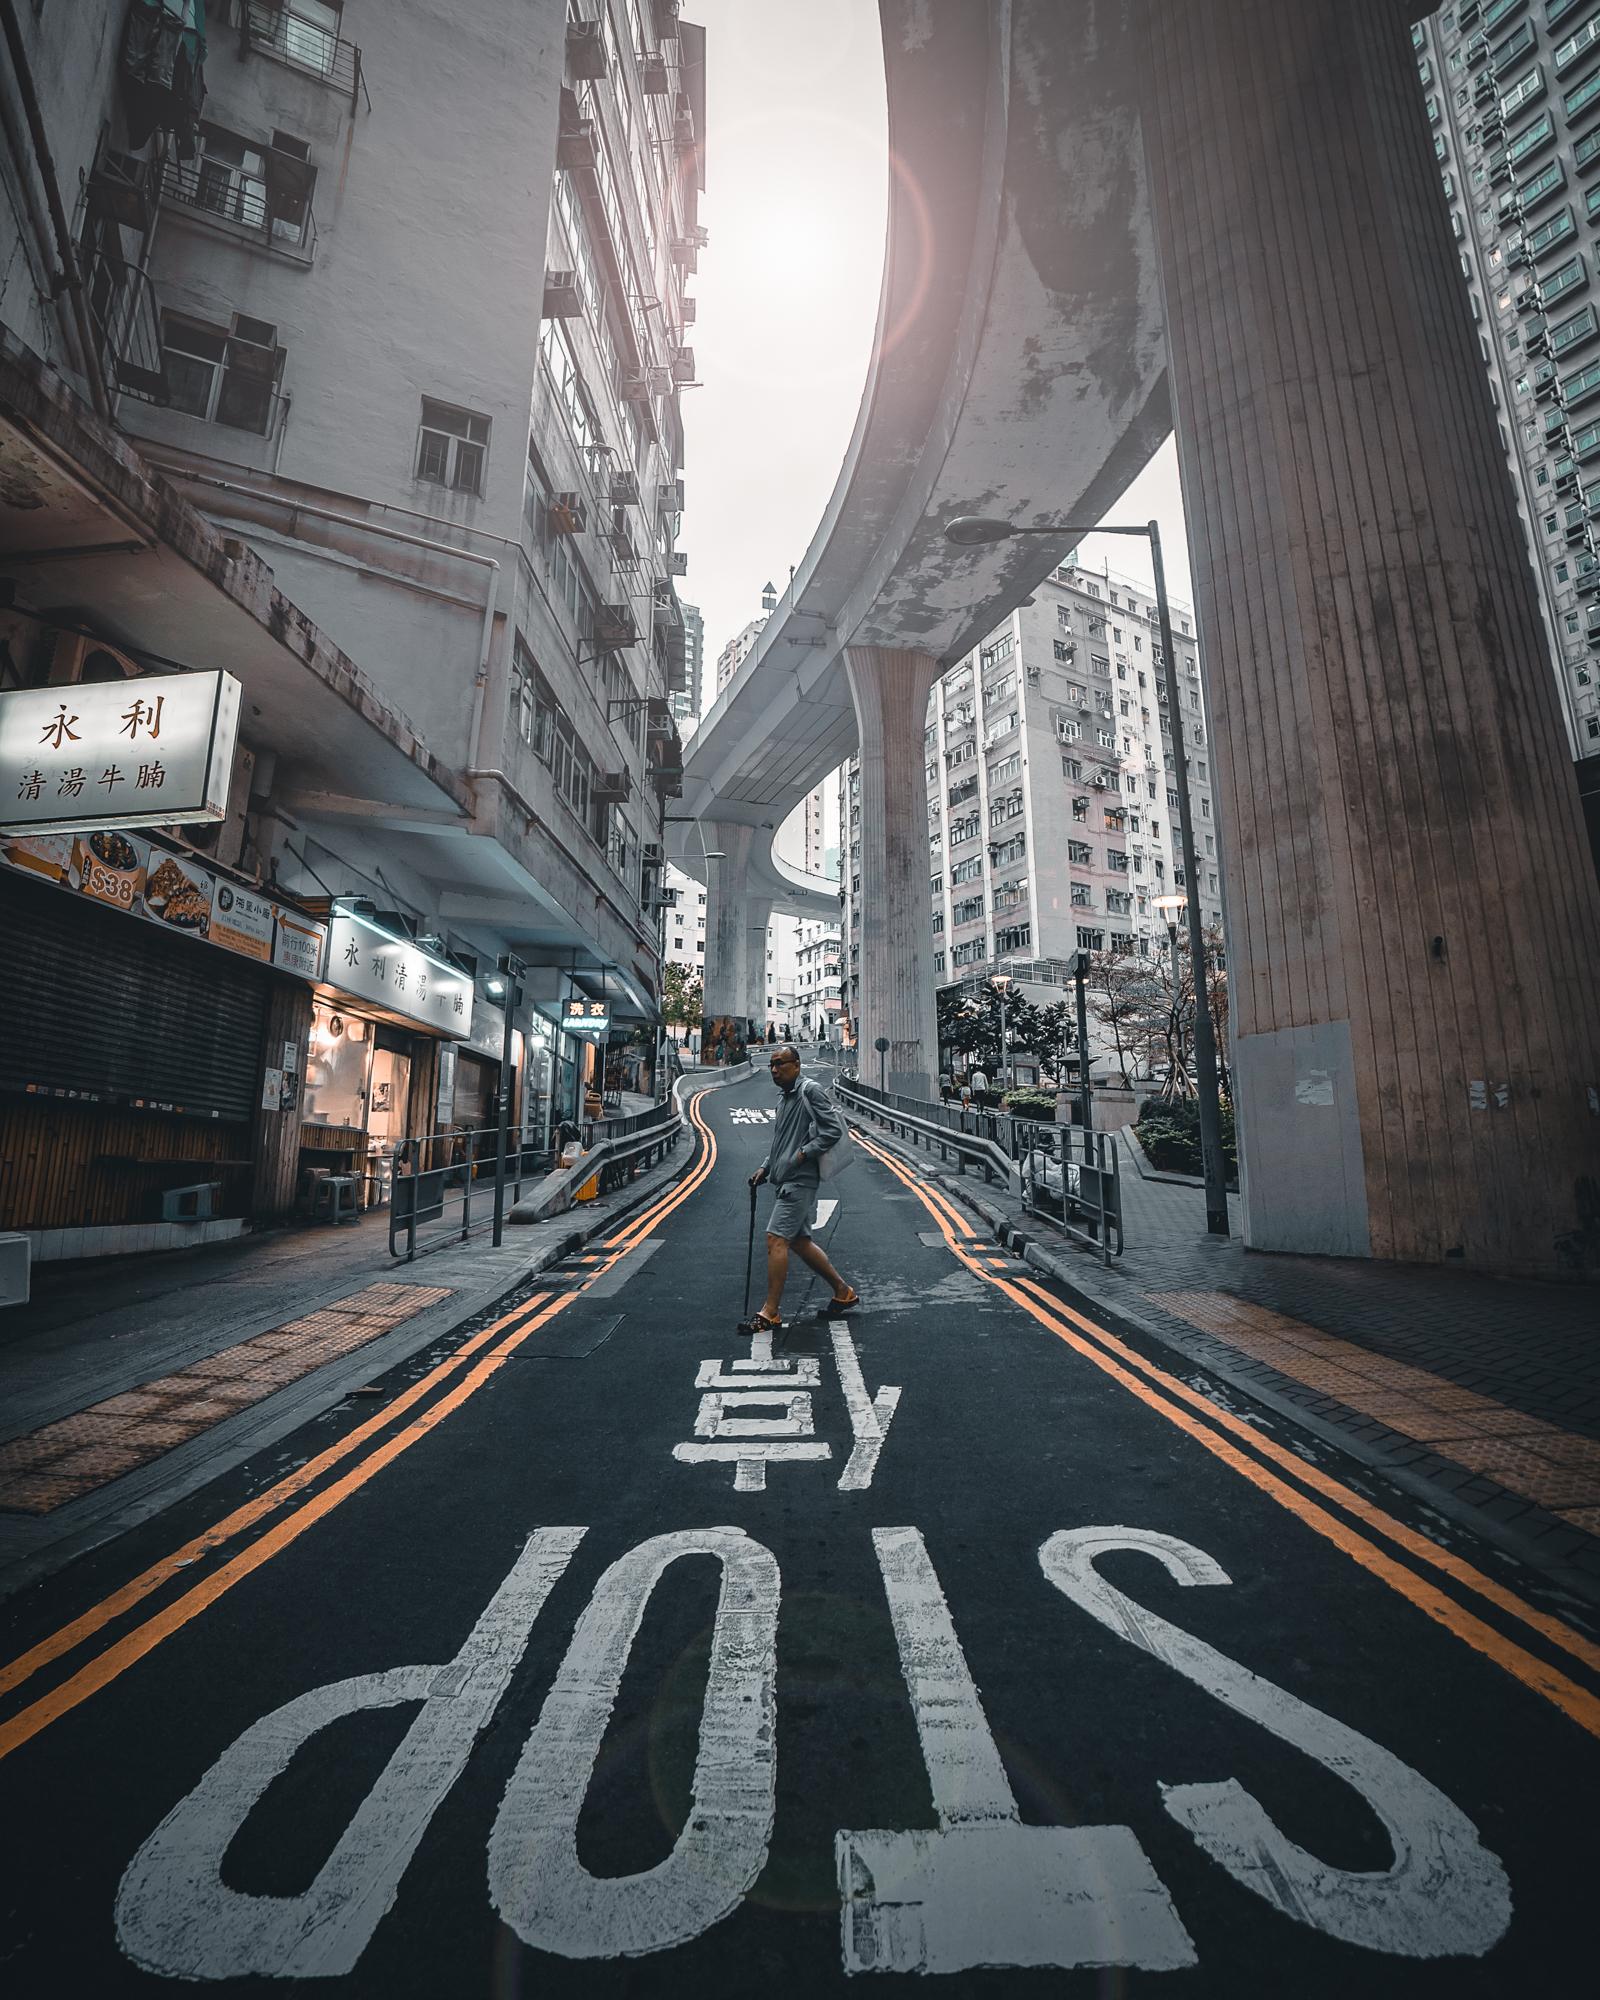 HK_Stop02-3.jpg